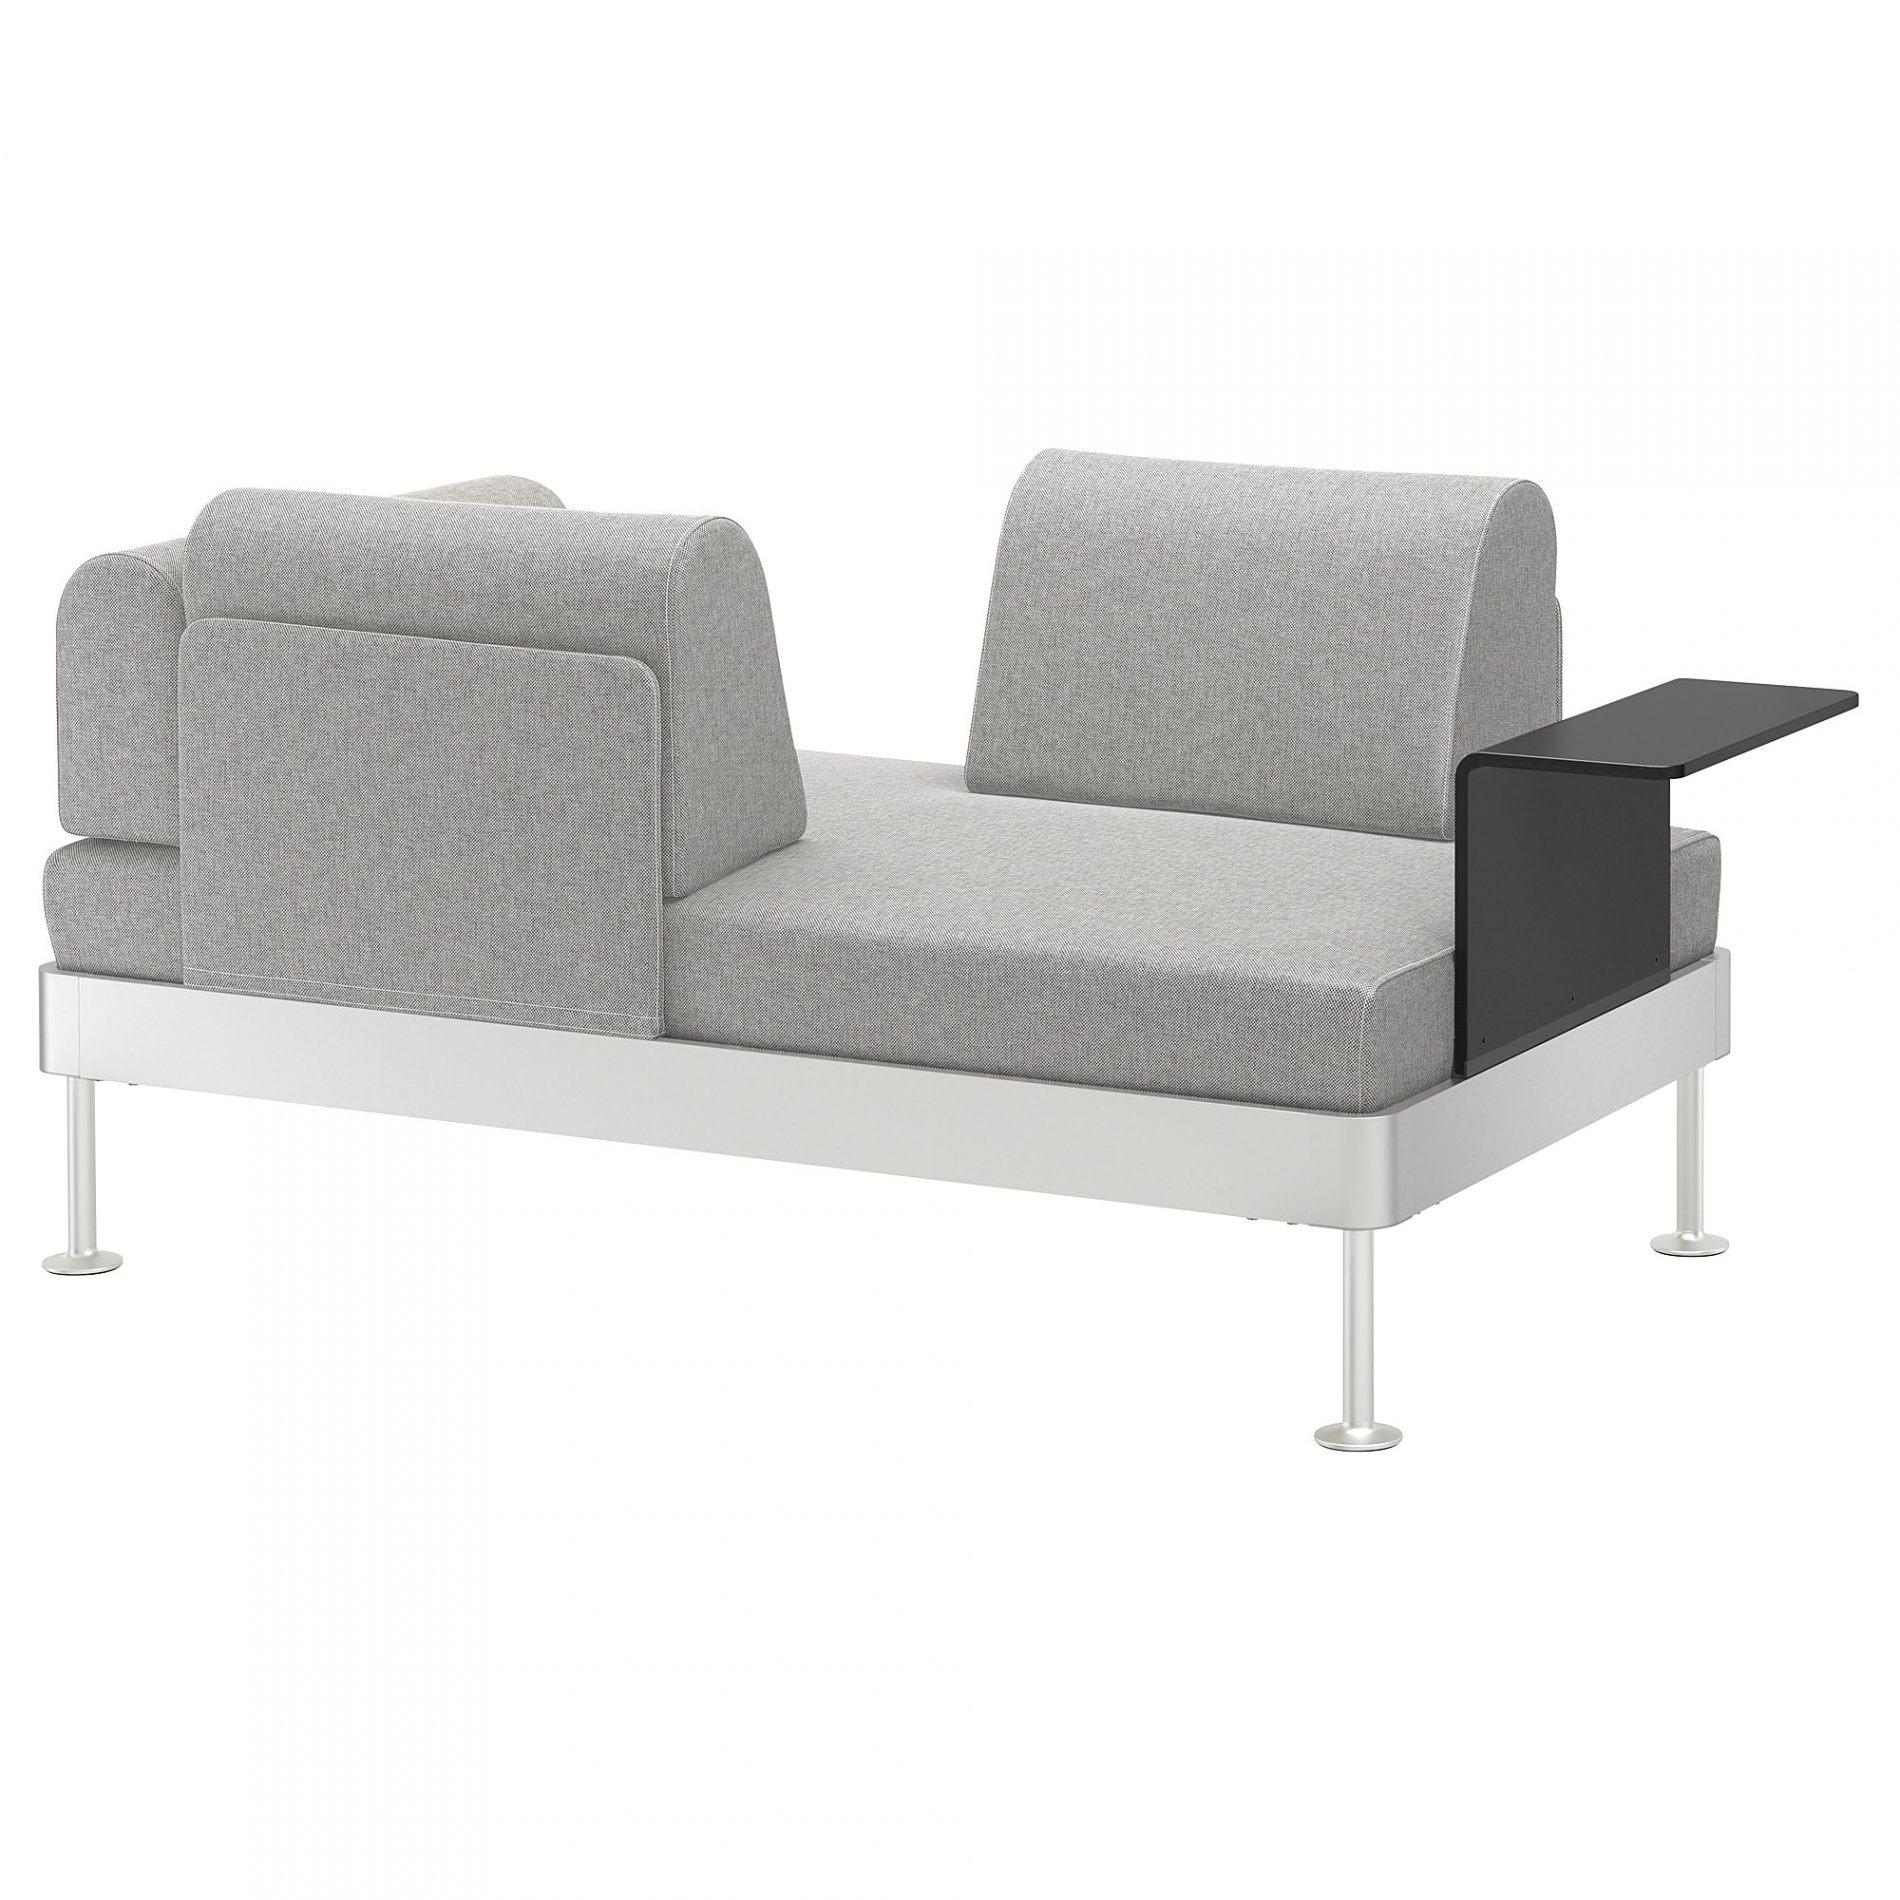 Lit Bébé D Appoint Agréable Canapé De Chambre 32 De Luxes Canapé Lit Couchage Quoti N Ikea